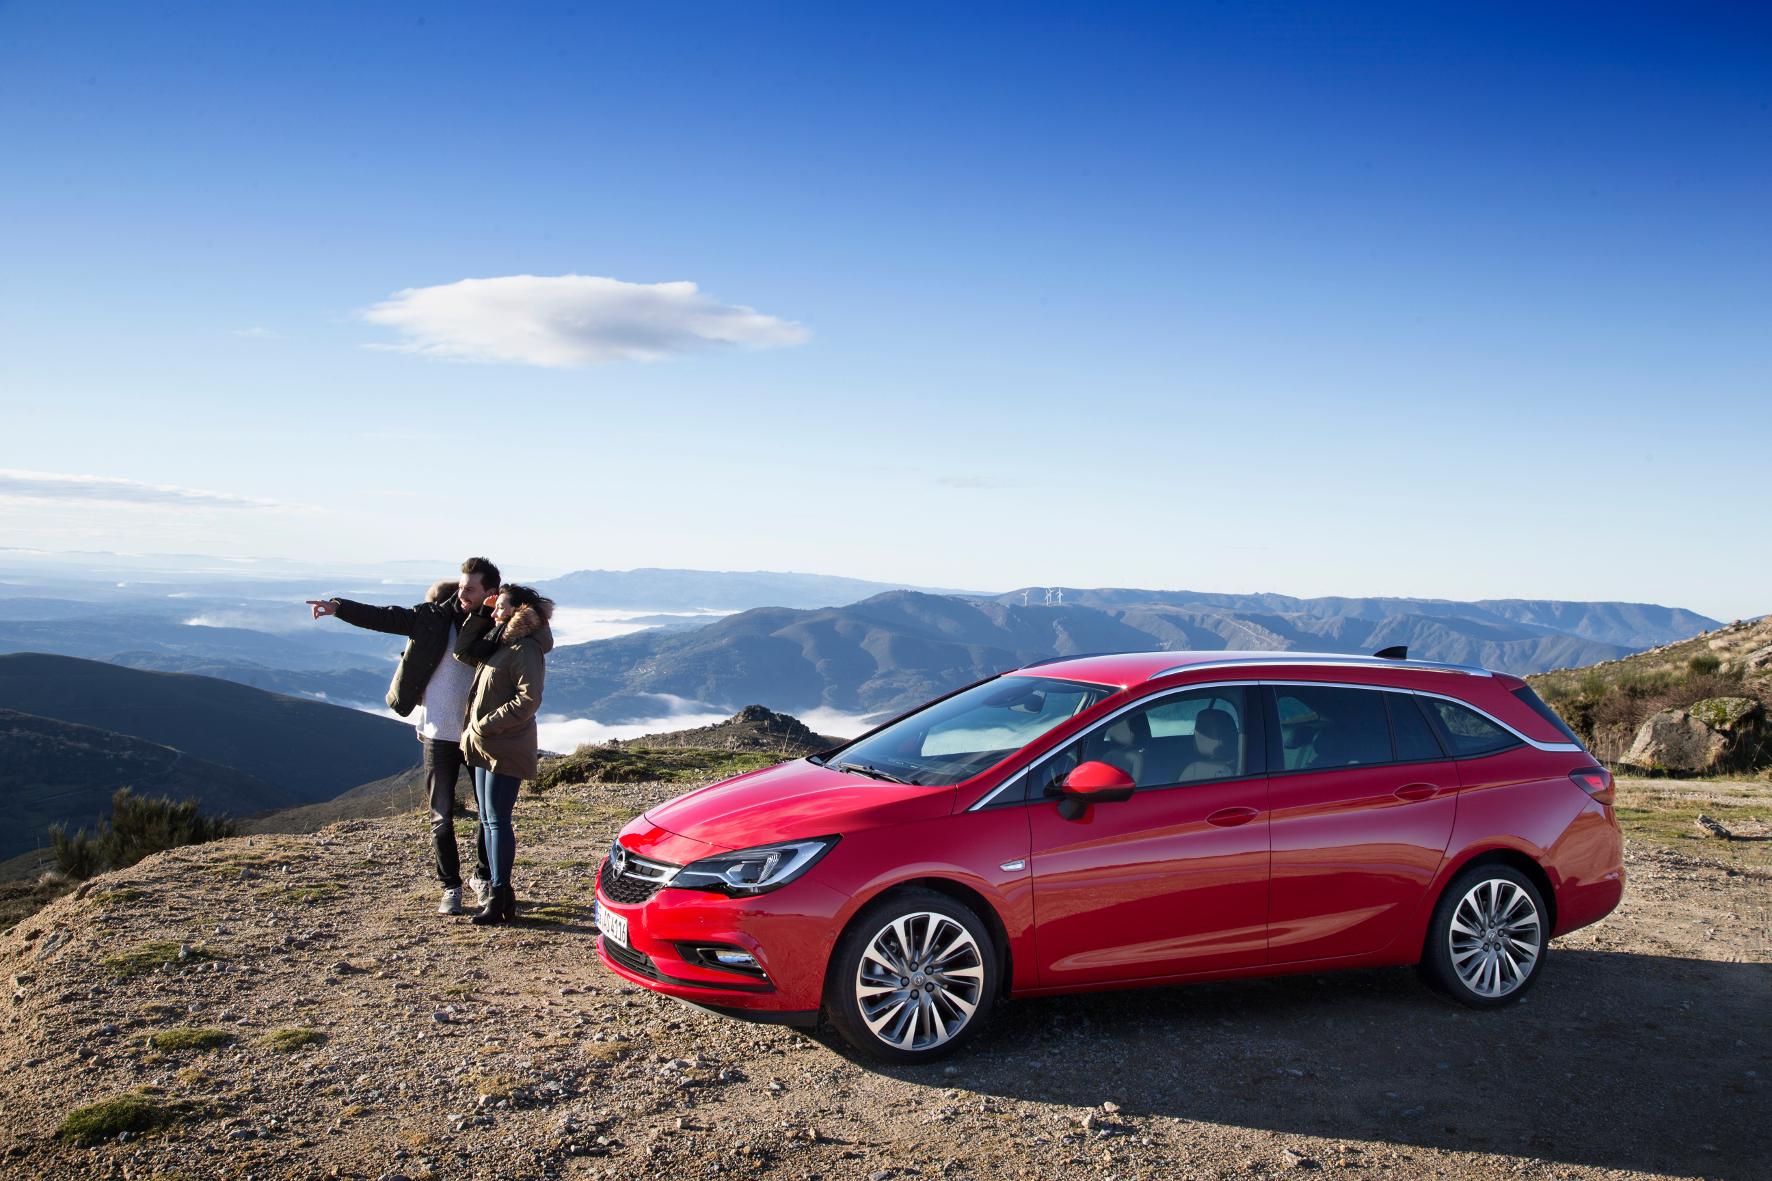 mid Groß-Gerau - Da geht's lang: Opel trifft mit neuen Modellen wie dem Astra und dem Astra Sports Tourer den Geschmack der Kunden.